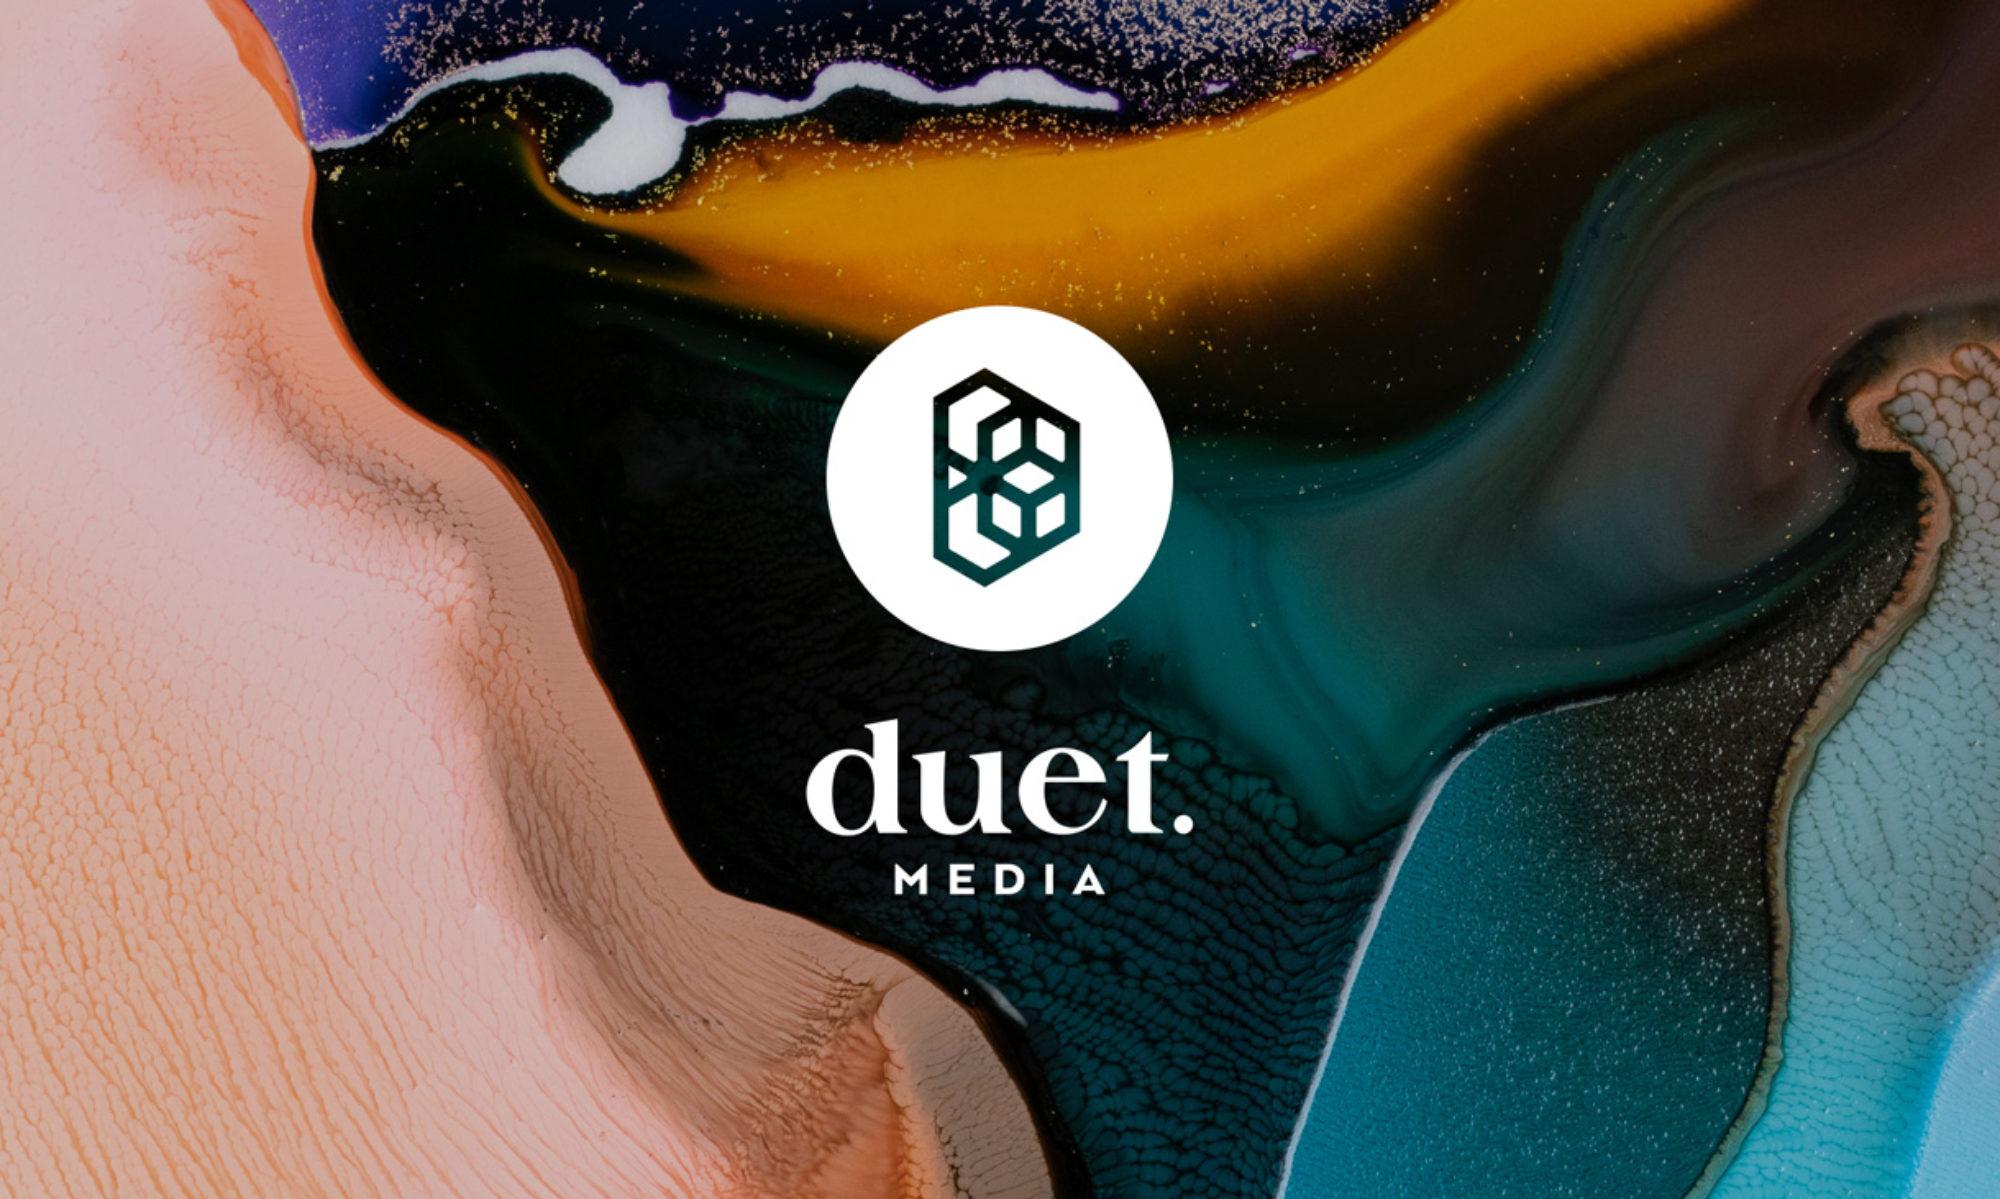 Duet Media